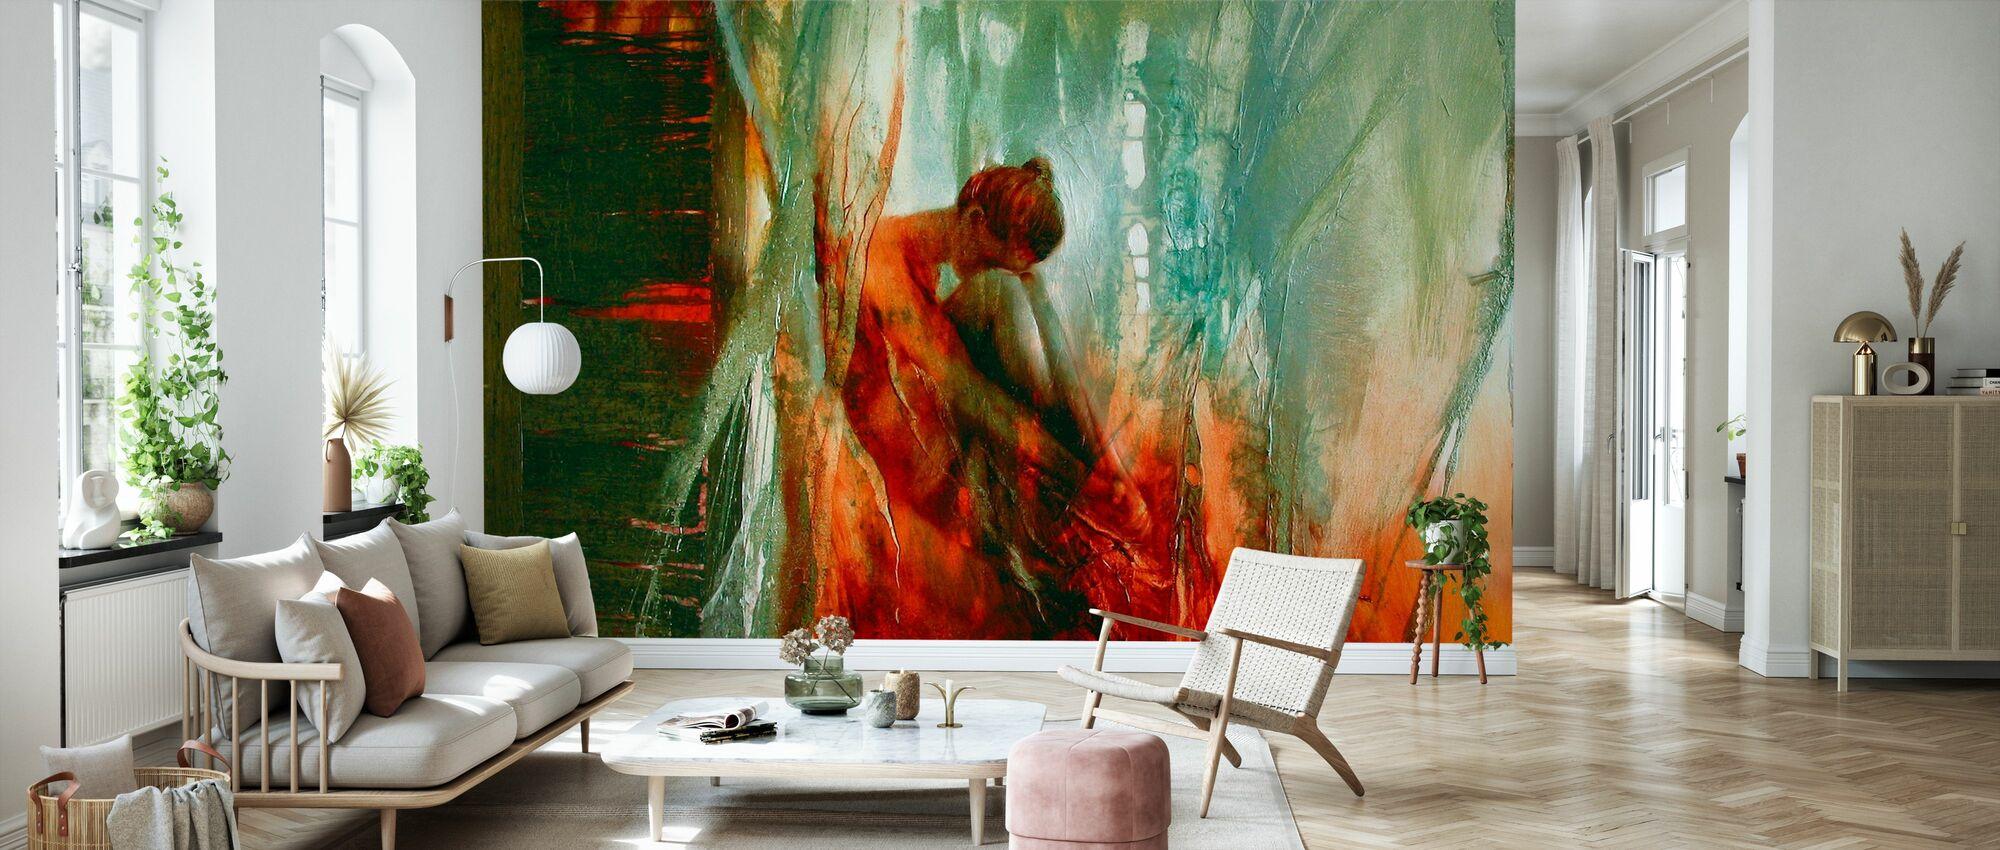 Vera - Wallpaper - Living Room